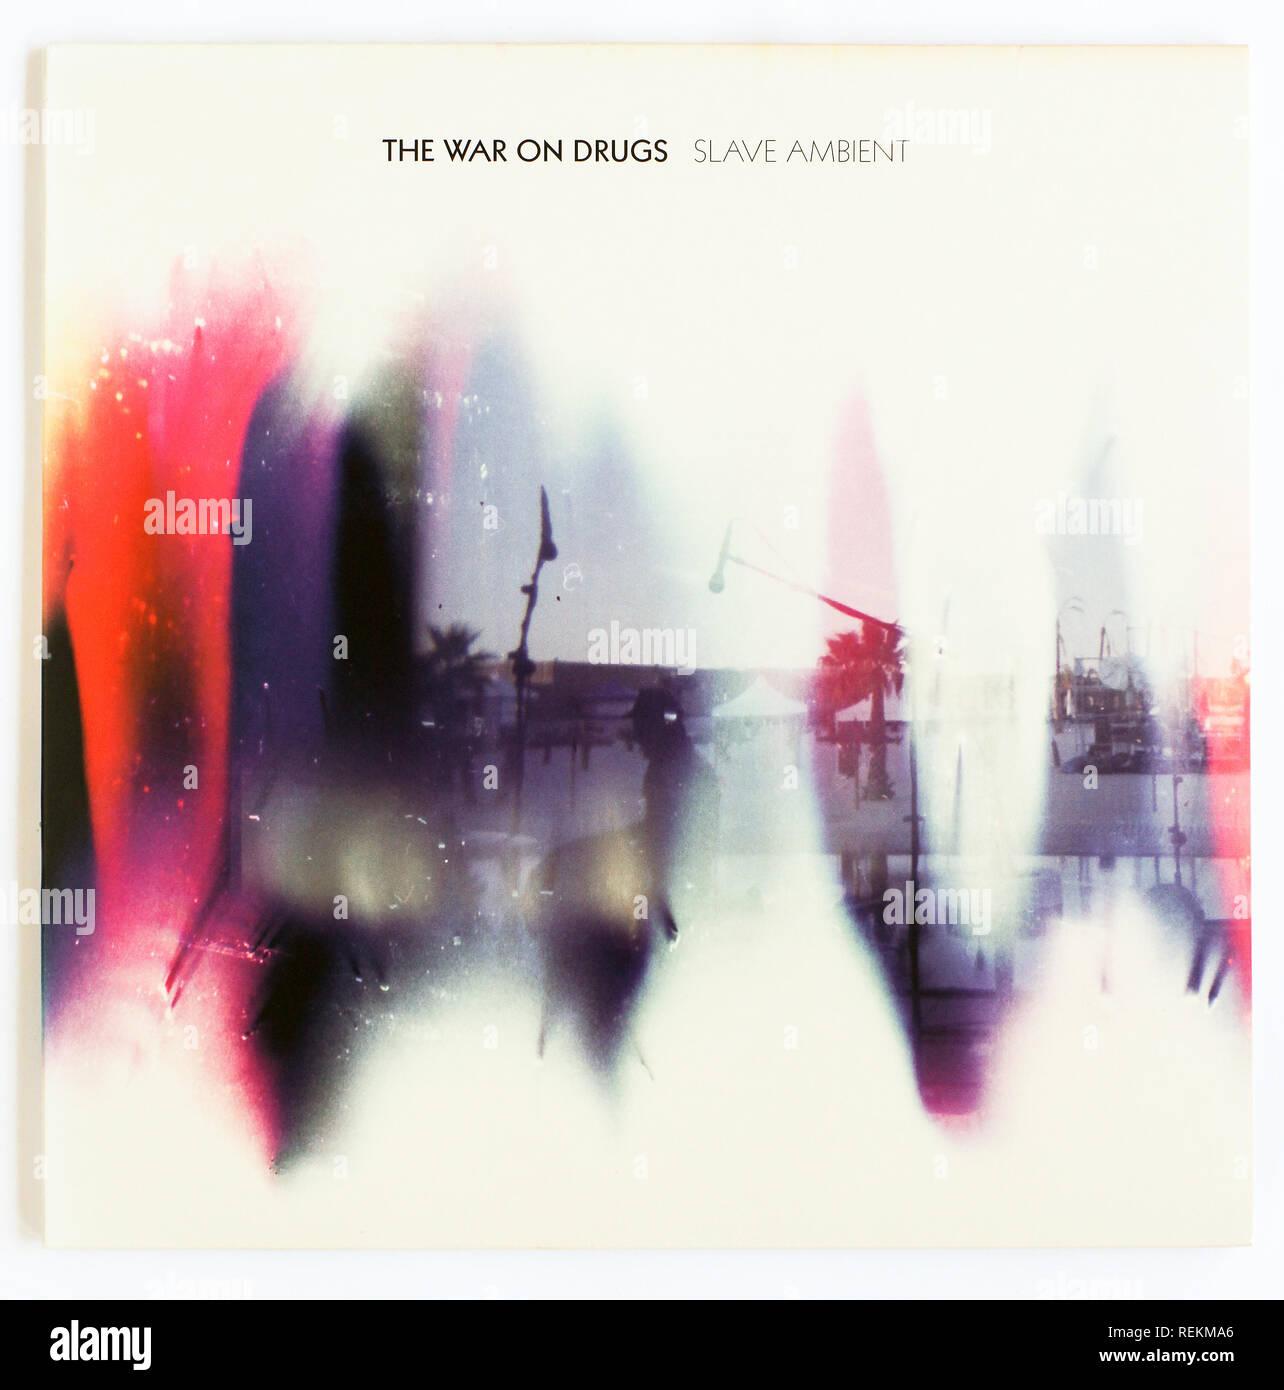 Il coperchio di ambiente Slave dalla guerra alle droghe. 2011 album su segretamente record canadese Immagini Stock